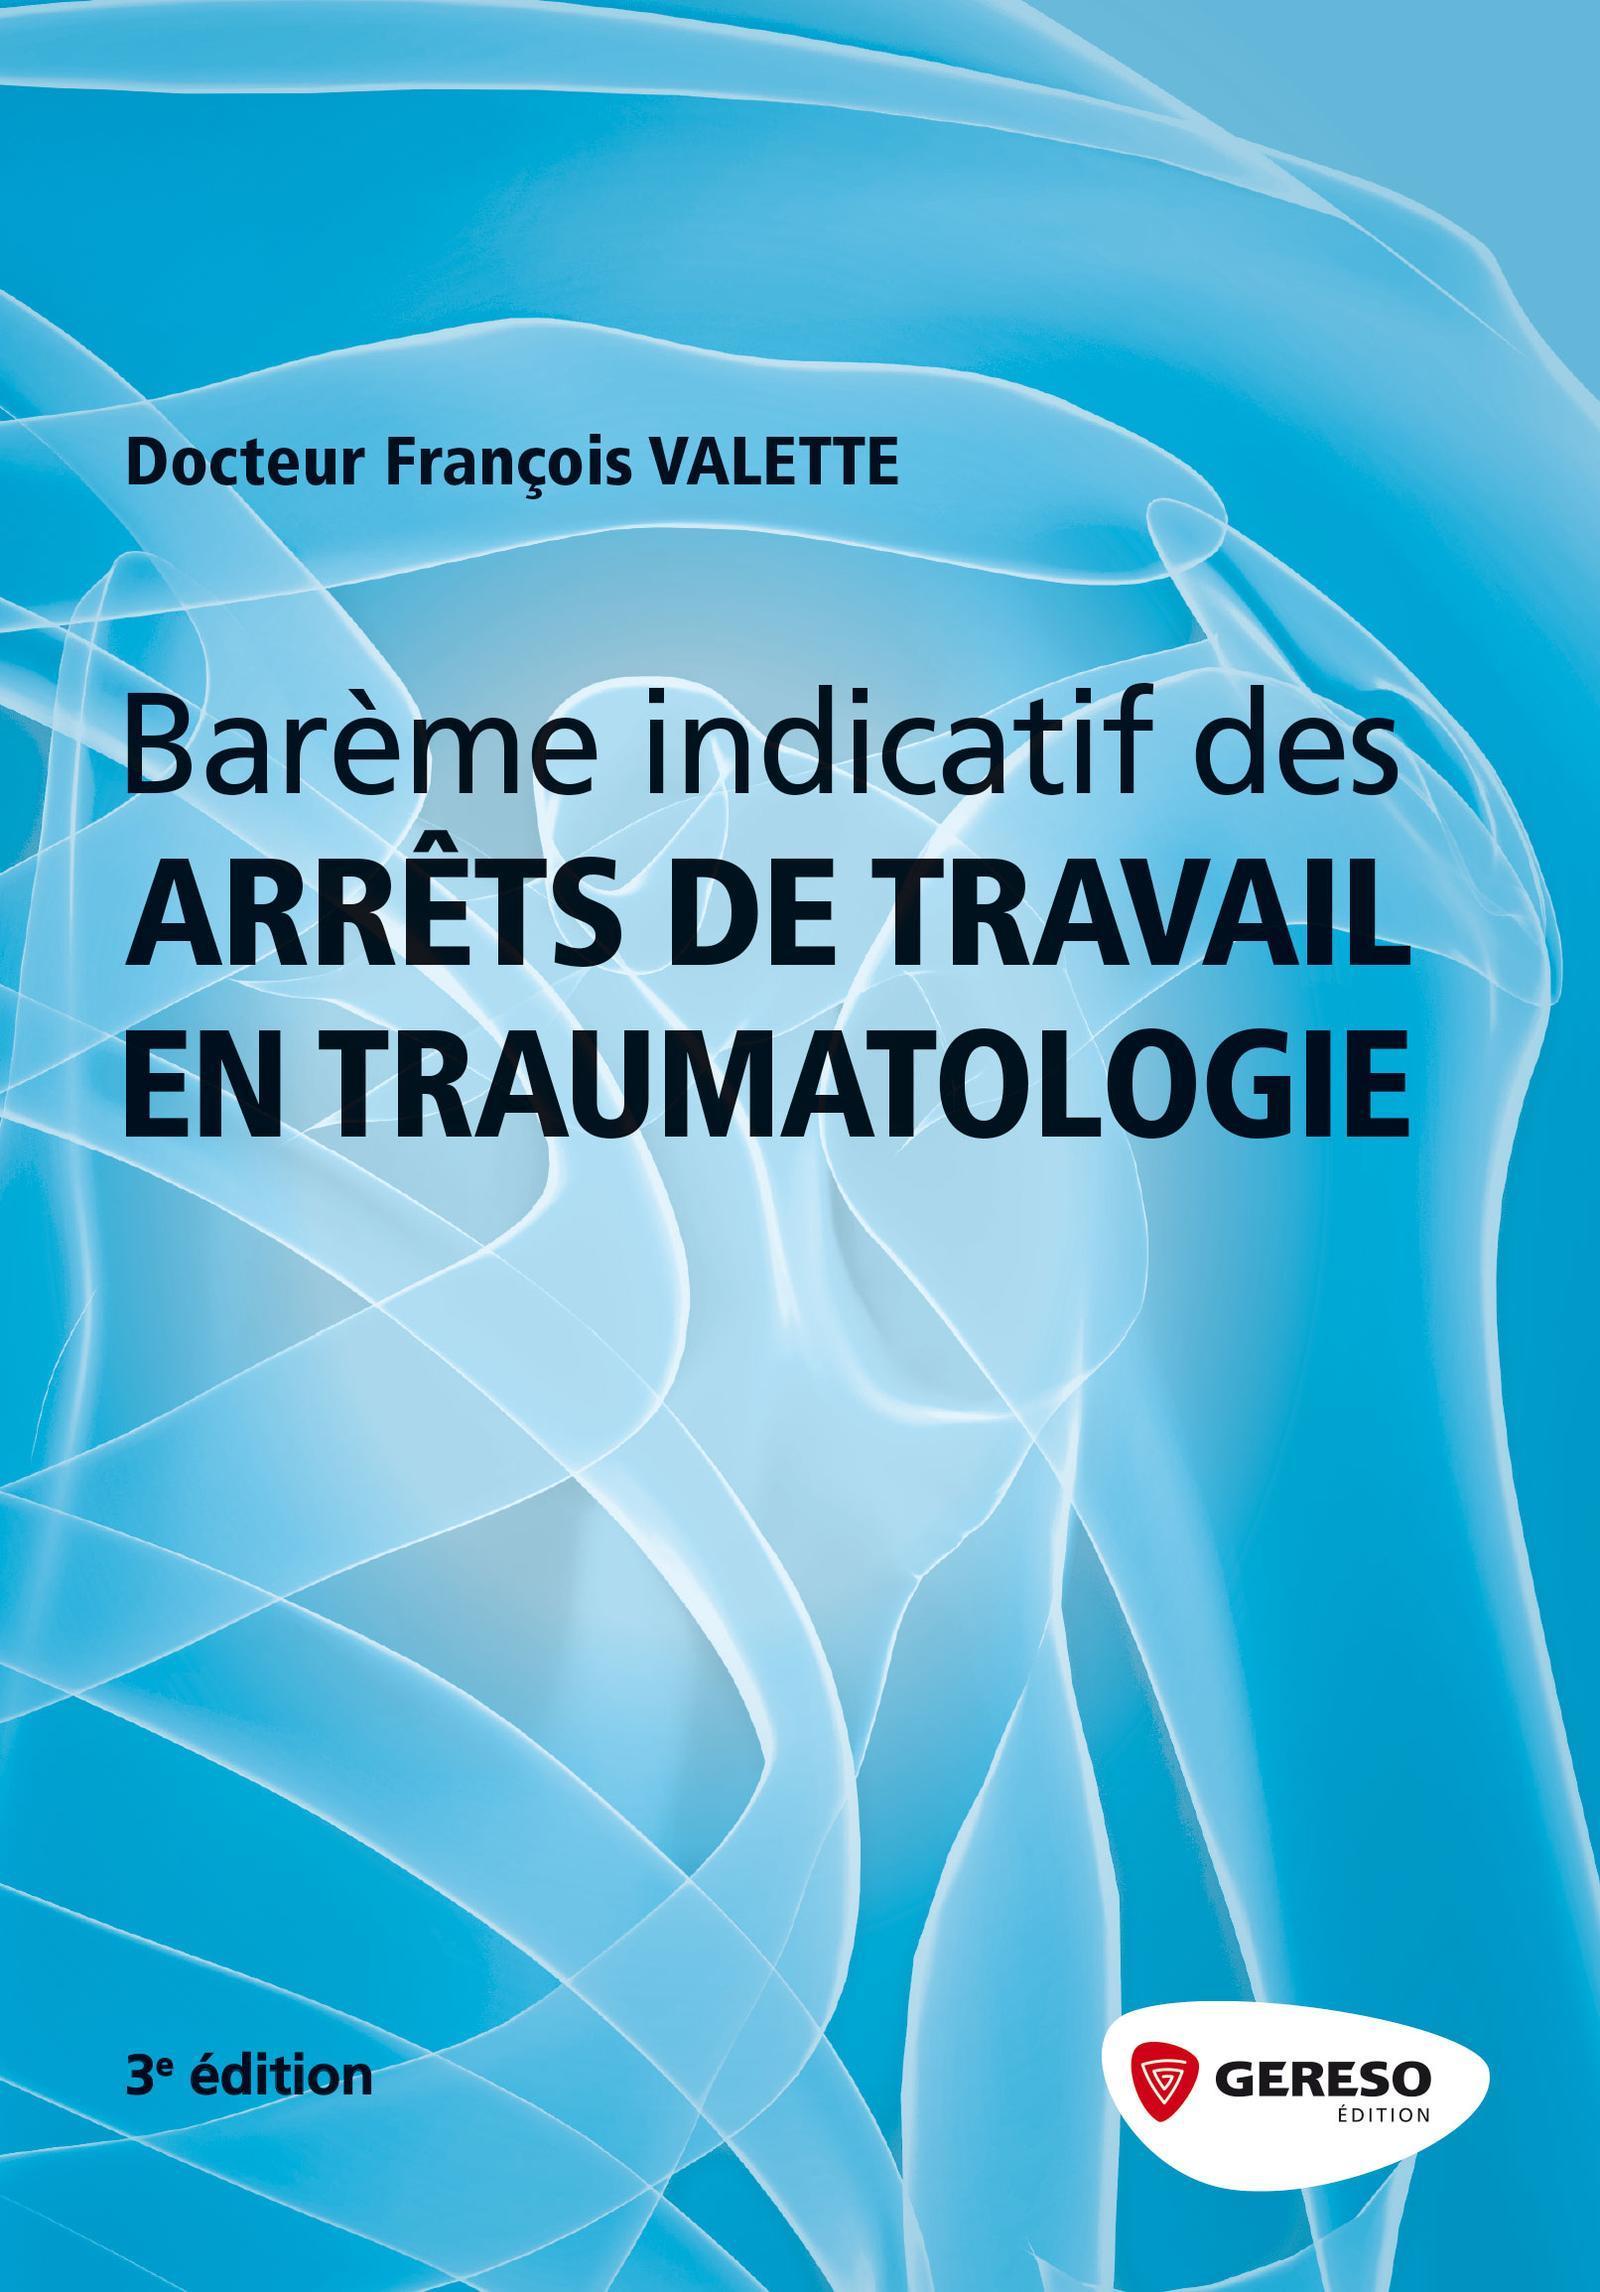 BAREME INDICATIF DES ARRETS DE TRAVAIL EN TRAUMATOLOGIE